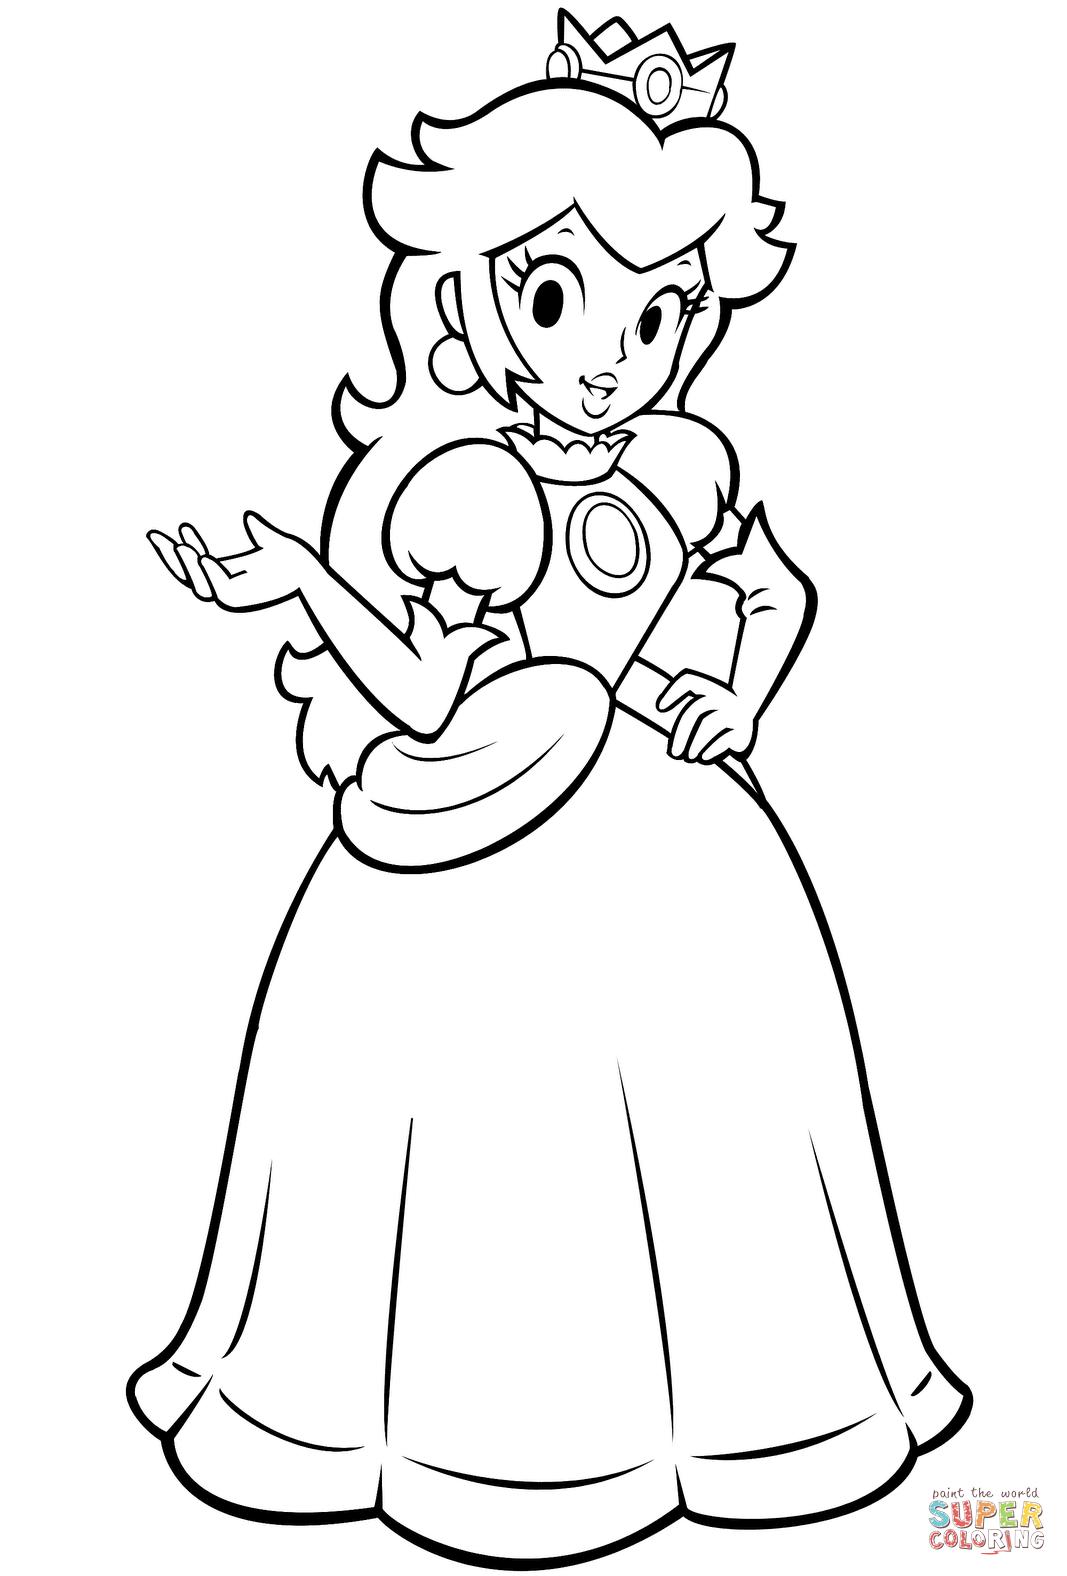 Mario Bros Princess Peach Coloring Page